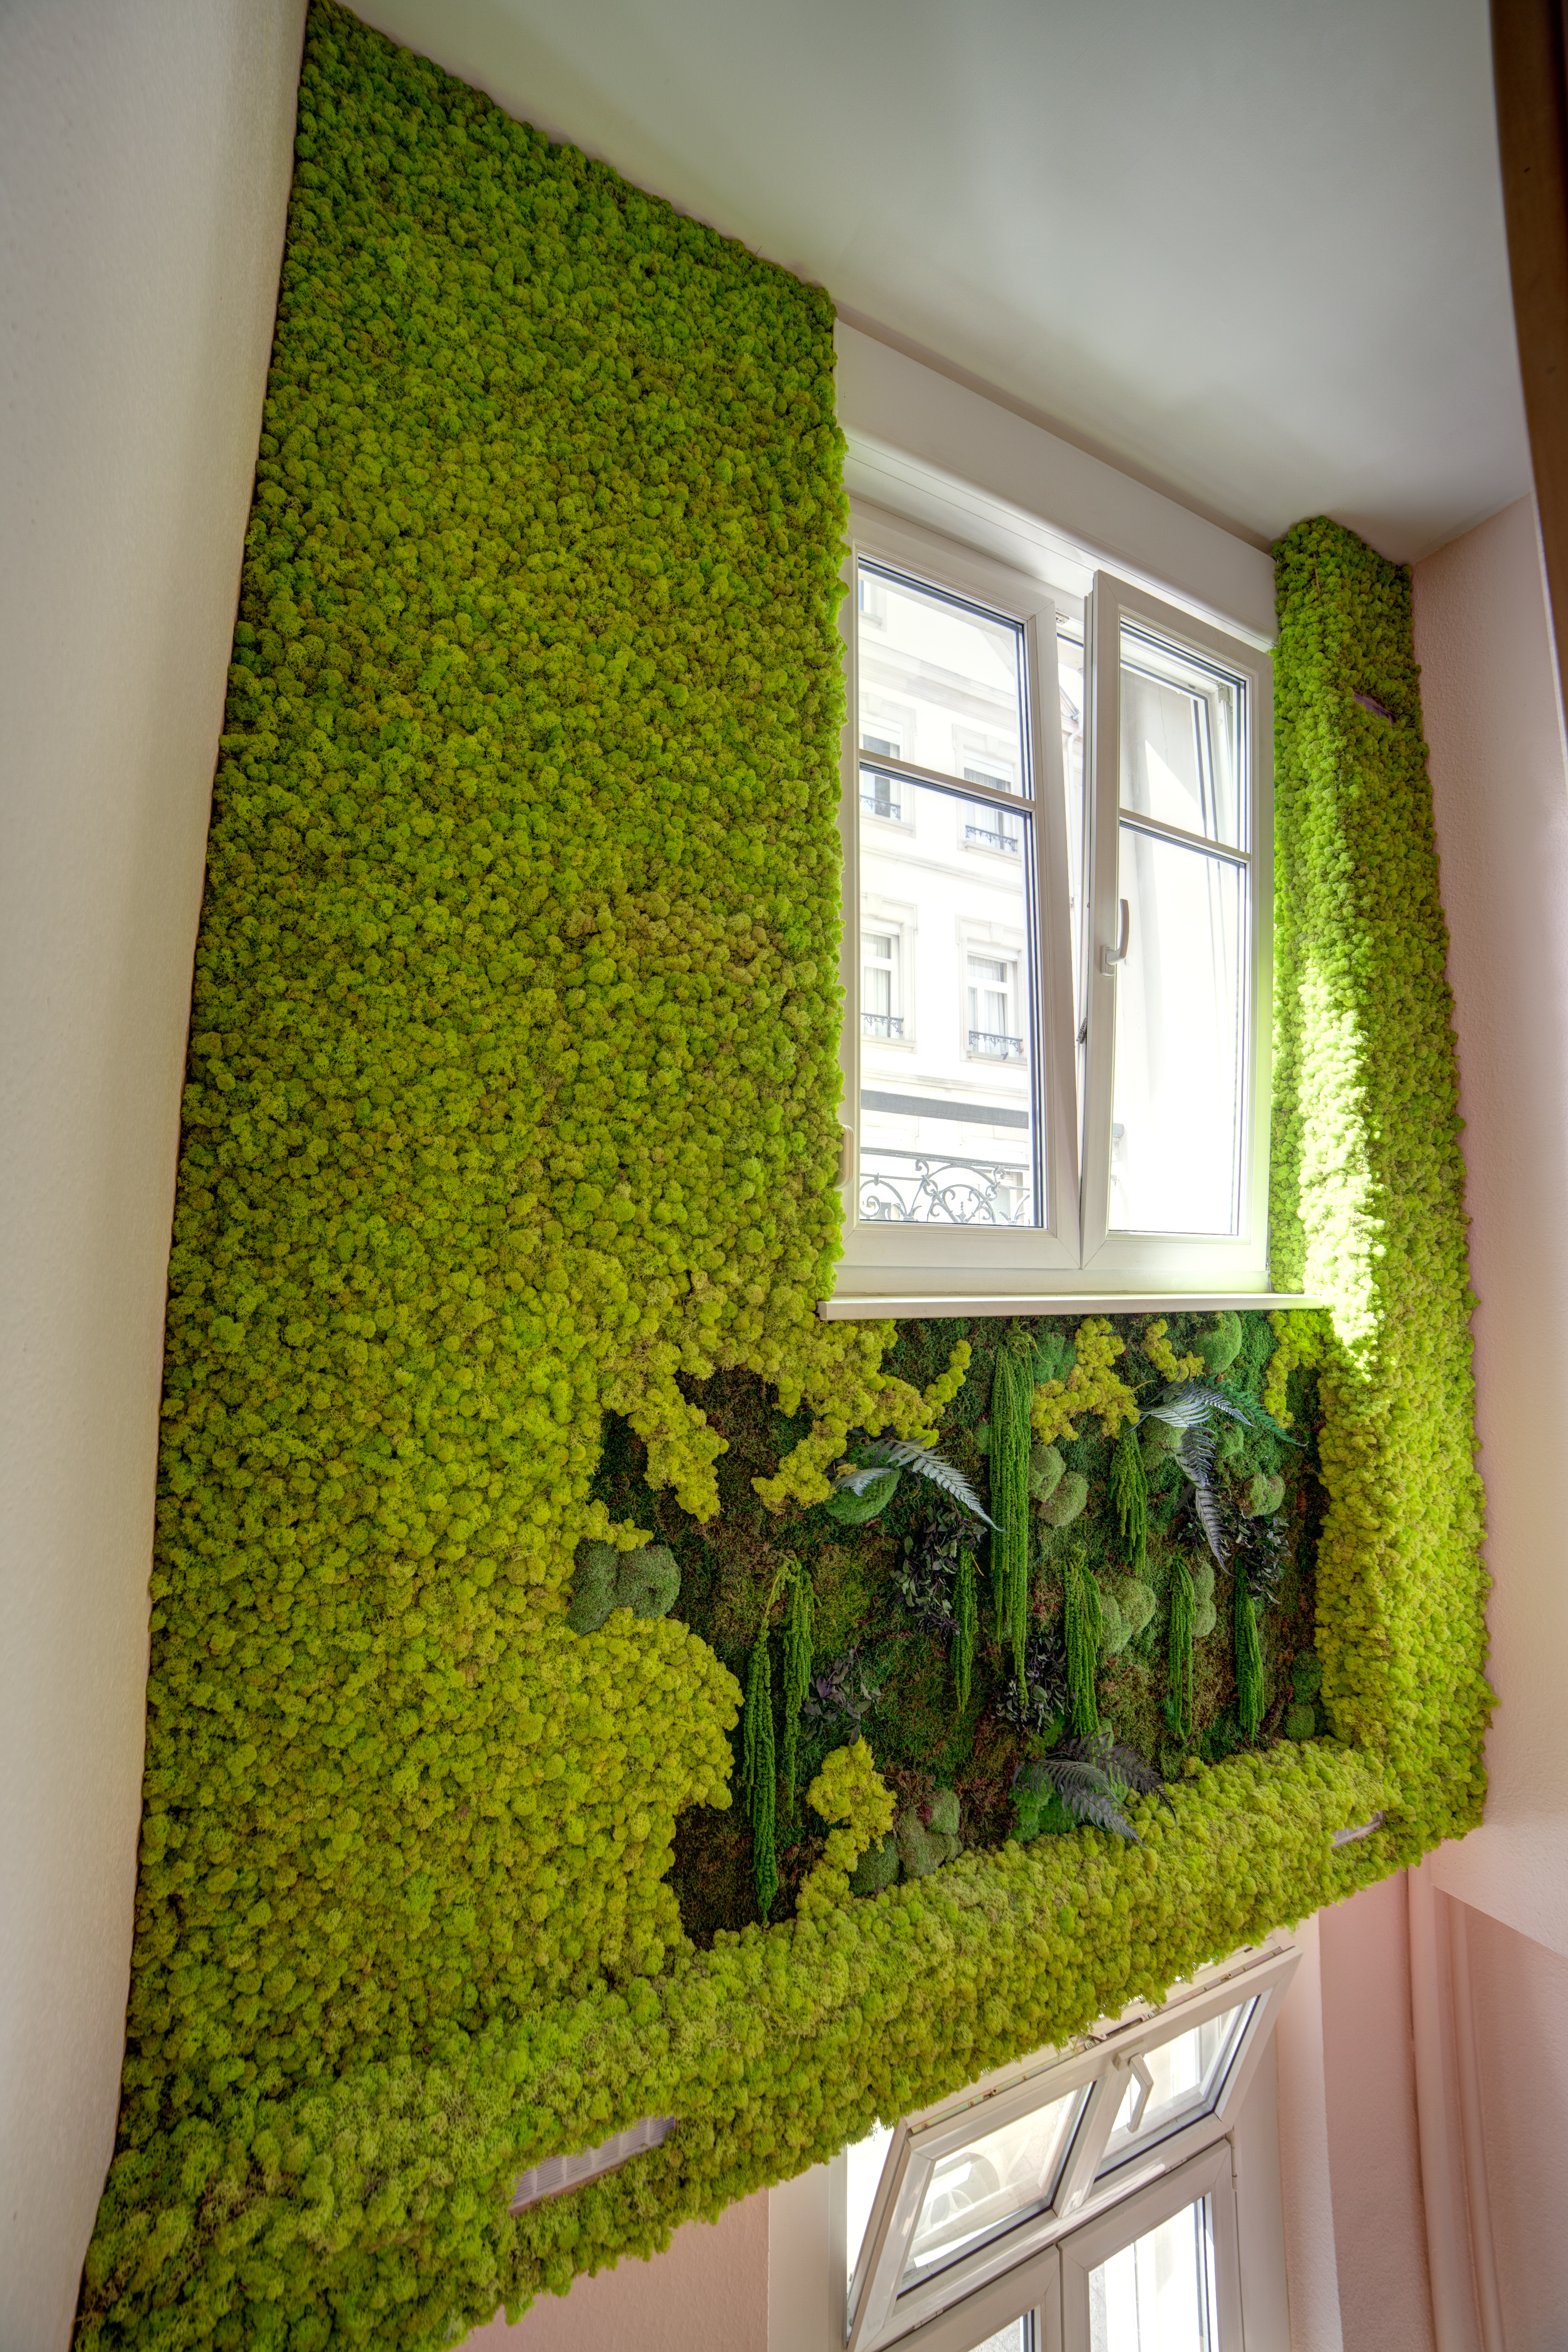 Mur végétal stabilisé en mousse | Location de plantes vertes .com